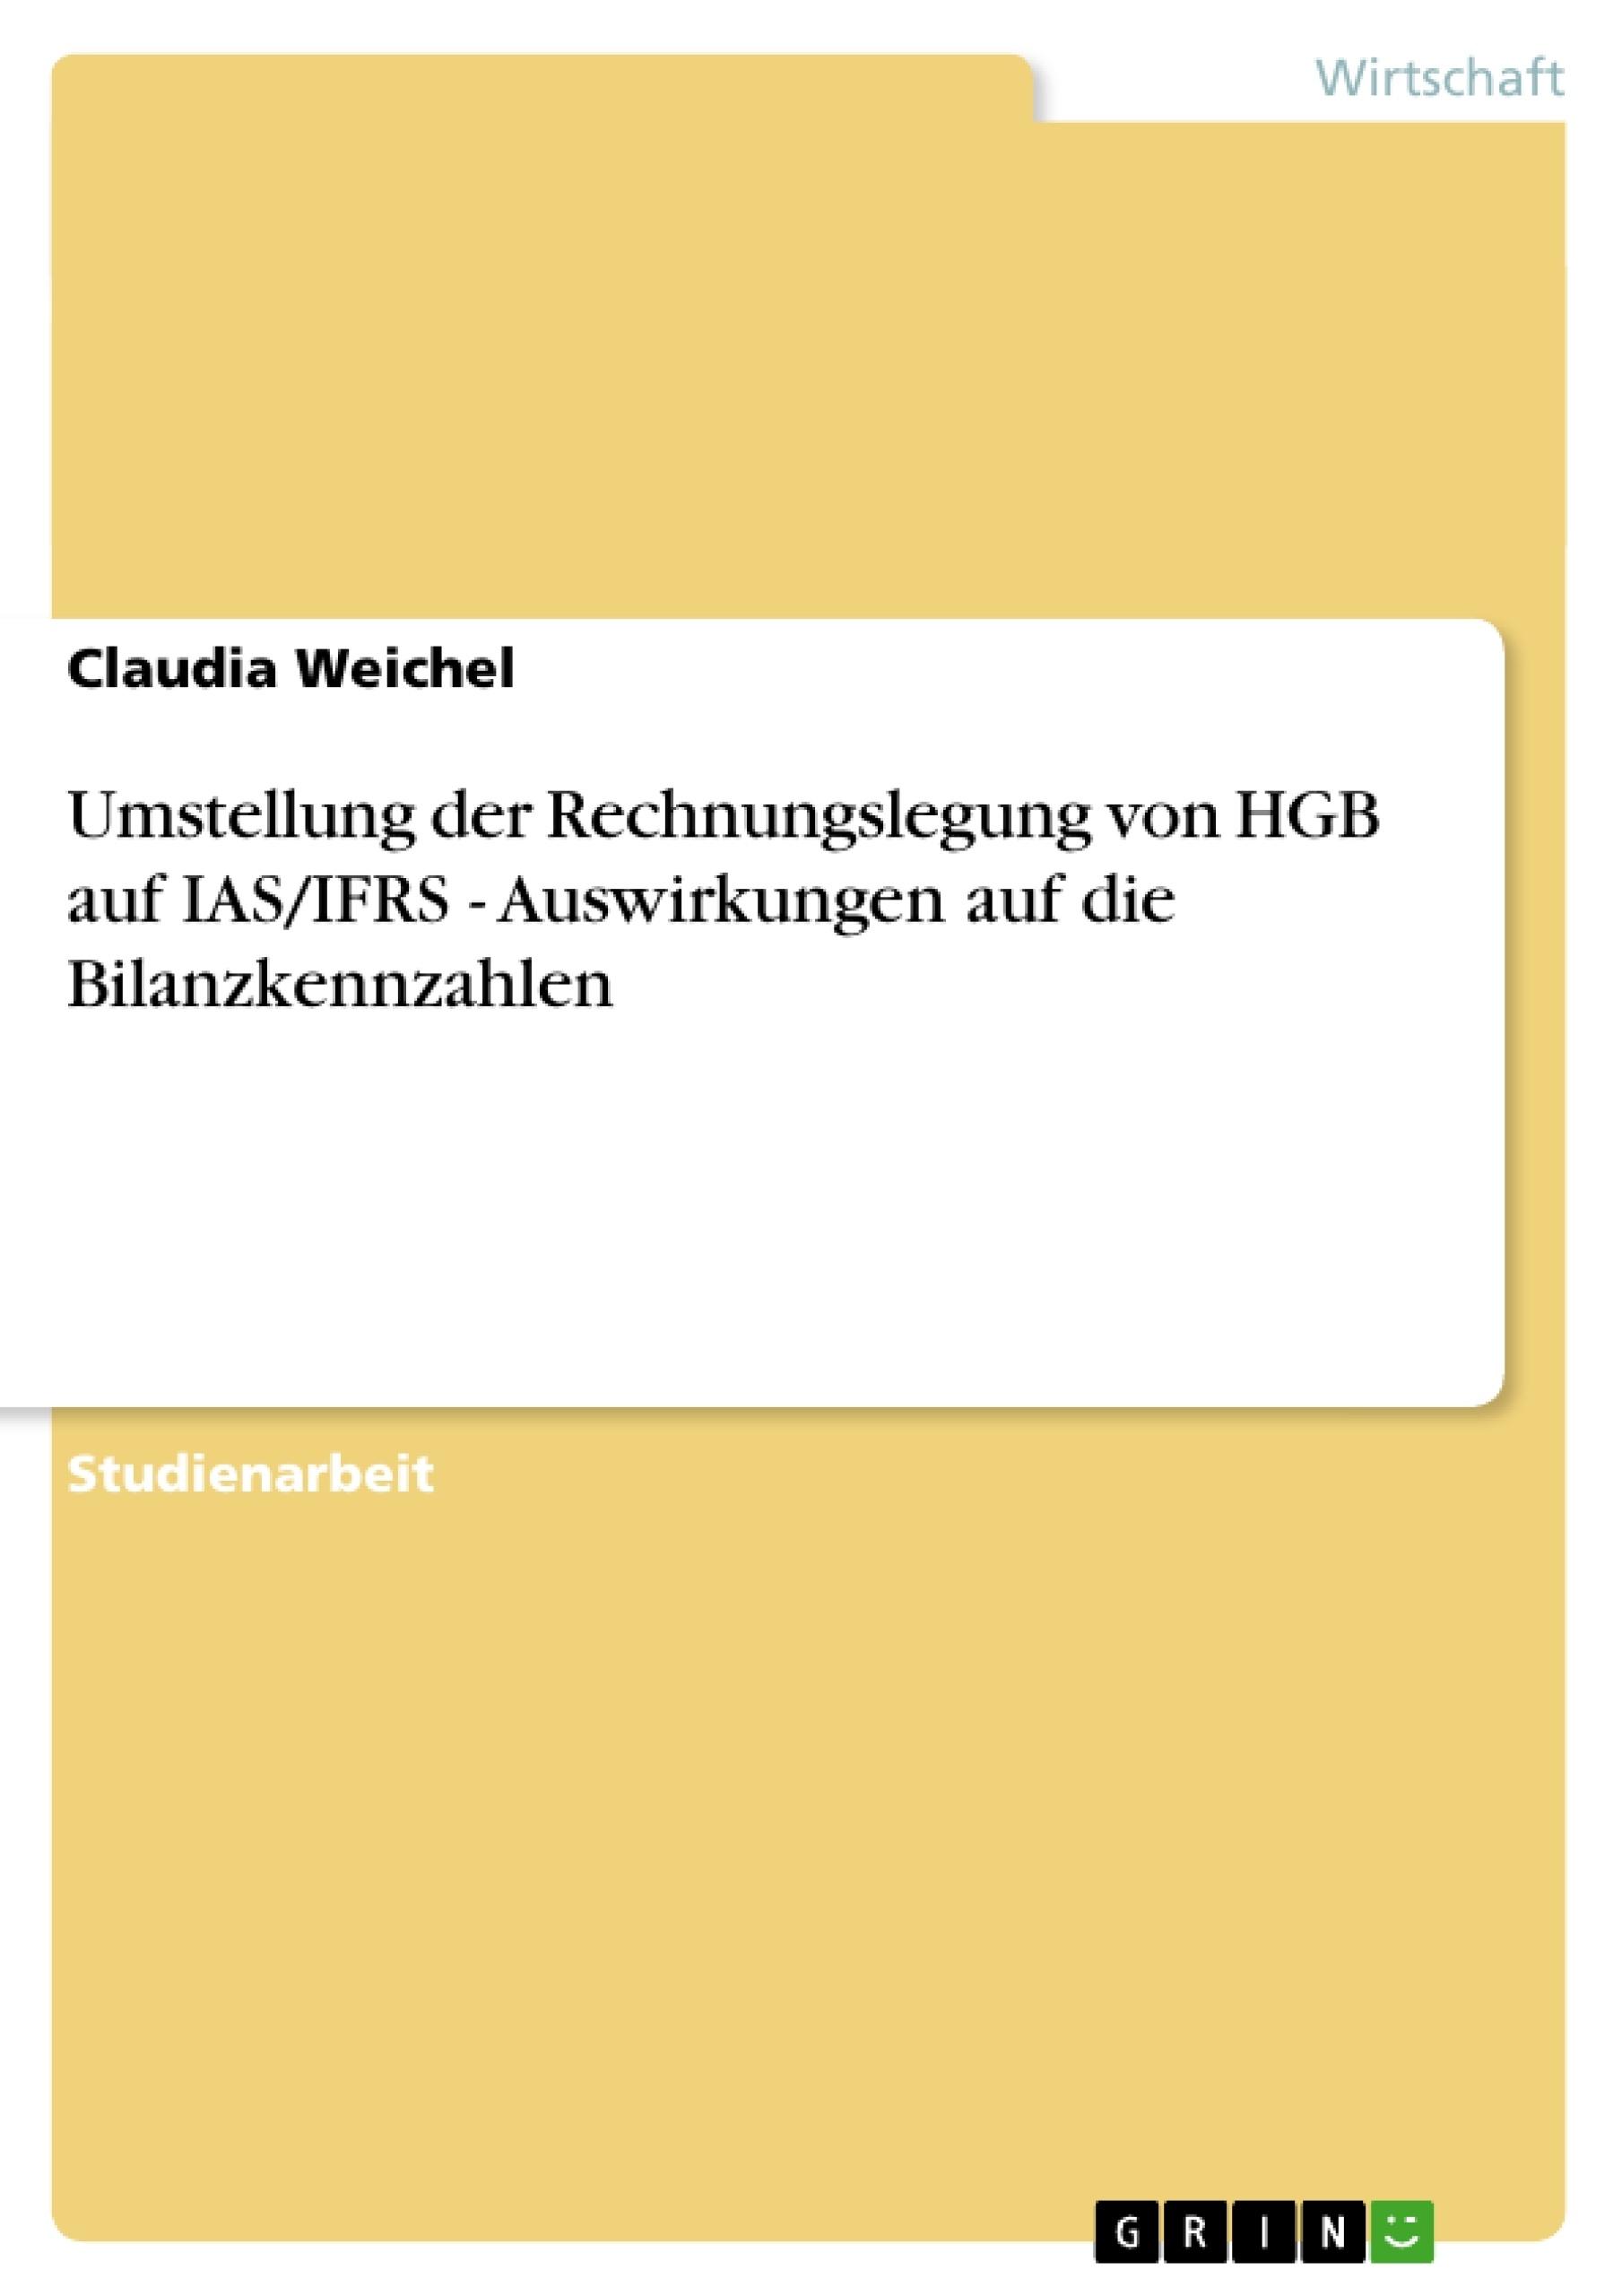 Titel: Umstellung der Rechnungslegung von HGB auf IAS/IFRS - Auswirkungen auf die Bilanzkennzahlen